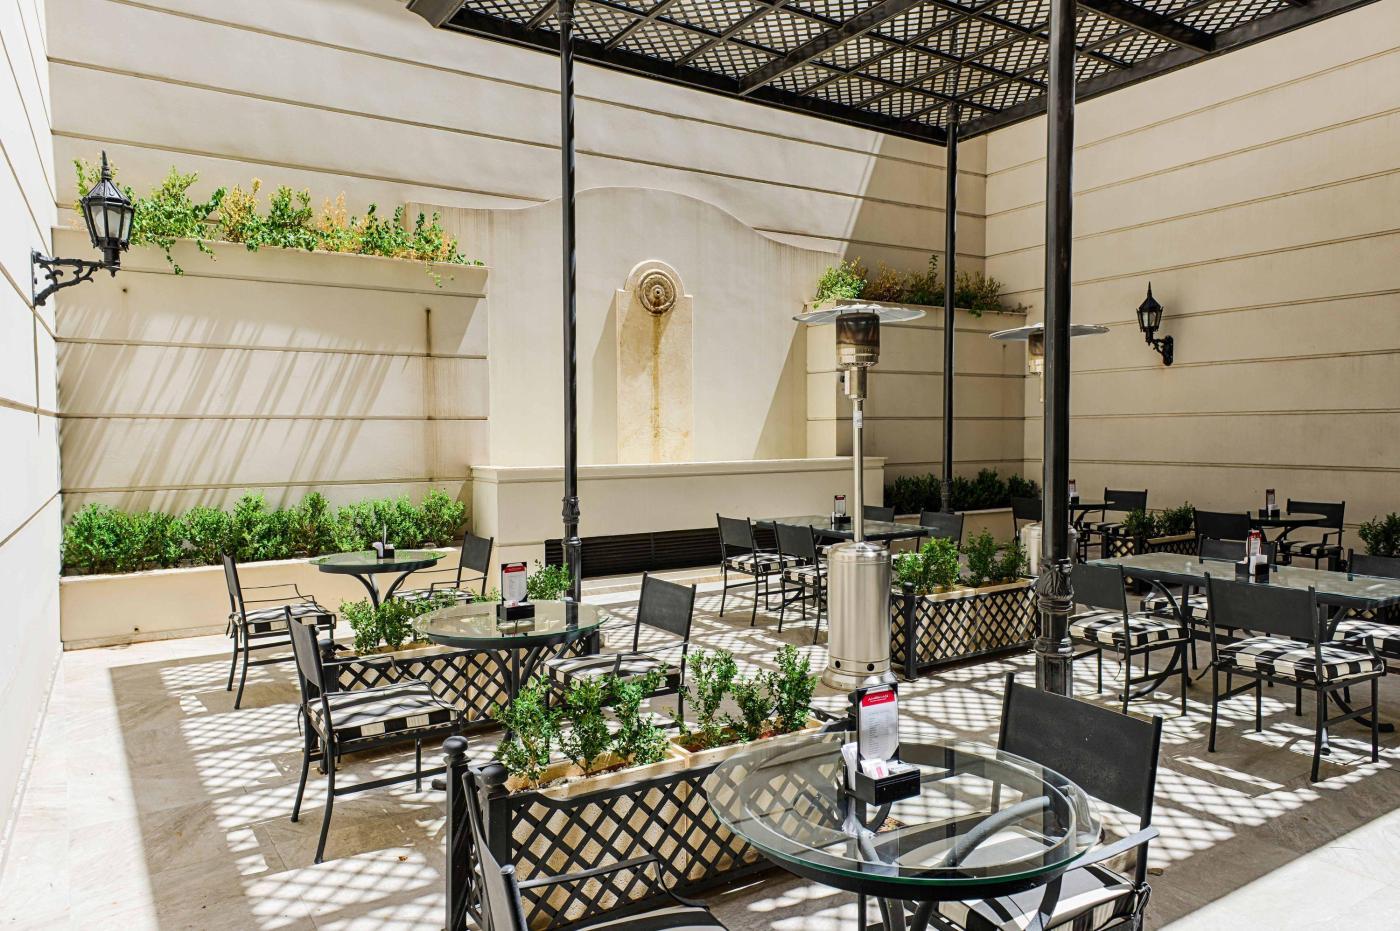 Amérian Executive Córdoba Hotel, Córdoba: encuentra el mejor precio